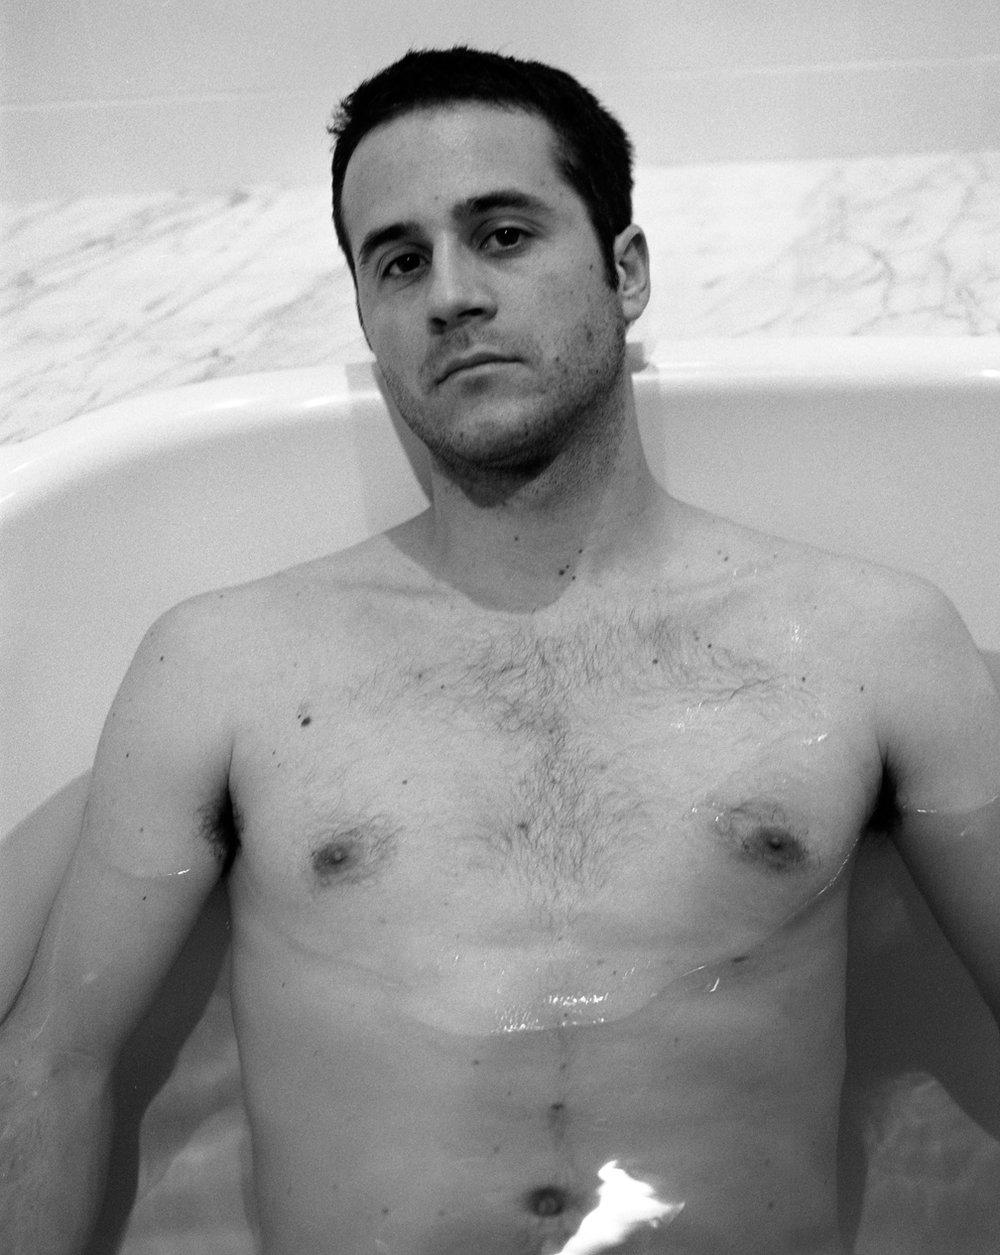 dave in bath423_lightercrop.jpg